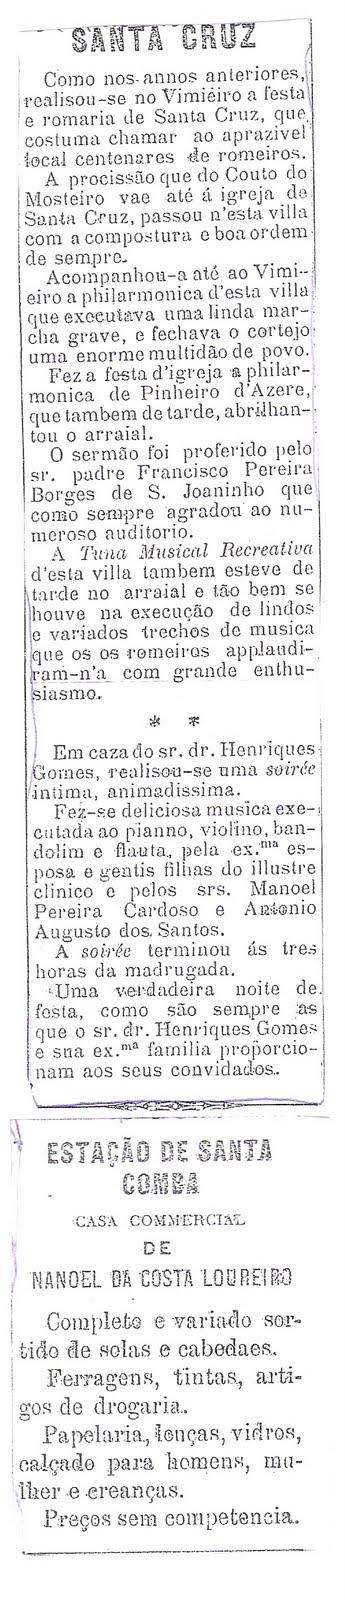 Uma noticia do Vimieiro de Maio de 1908 no Jornal Beira Alta